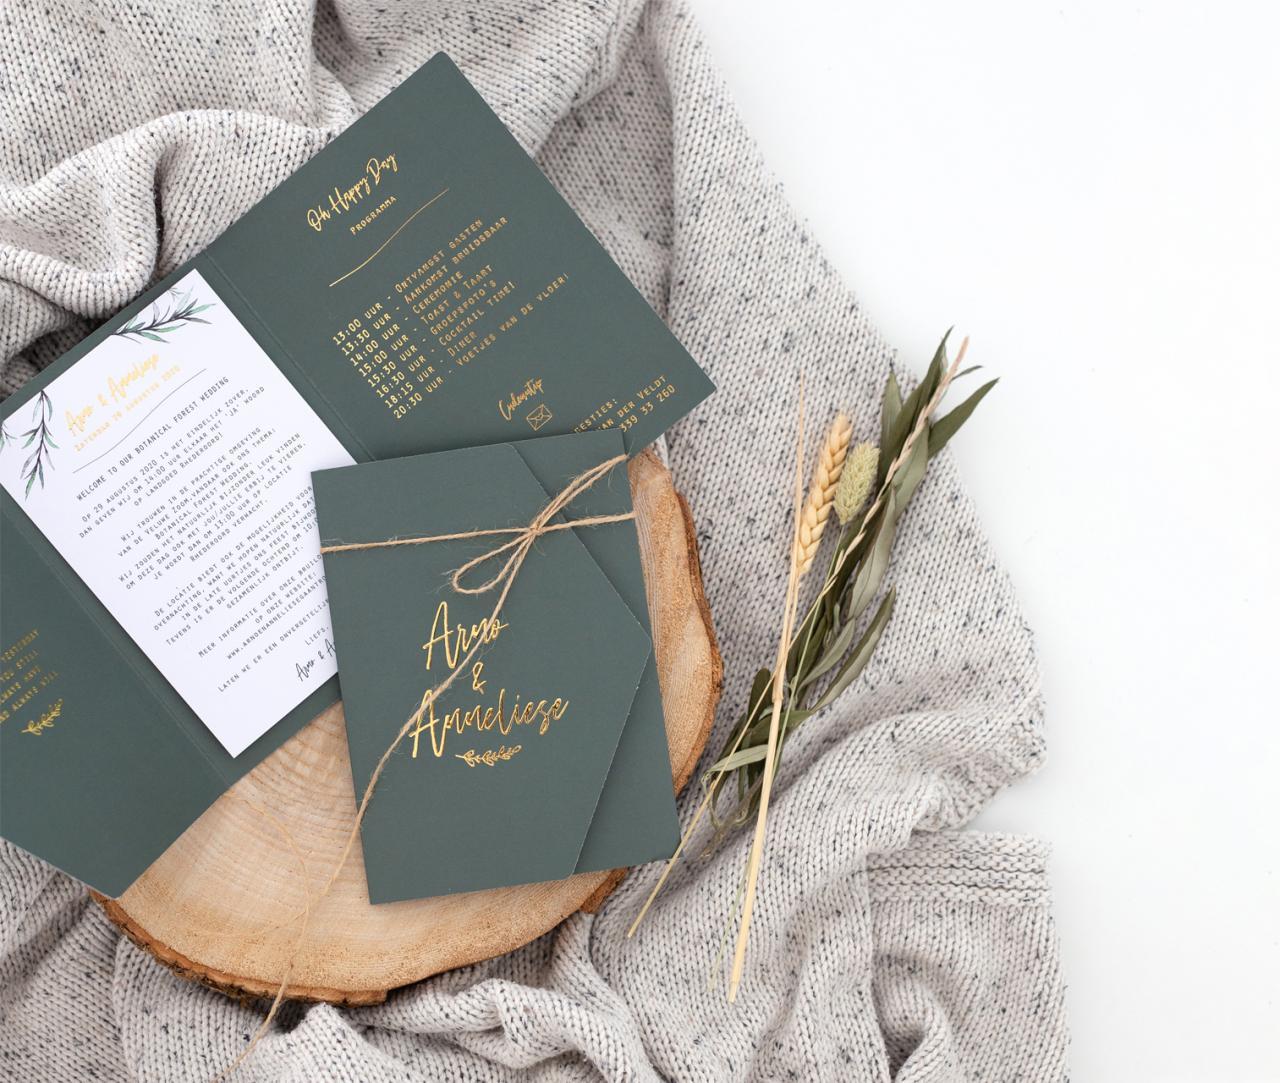 Drieluik trouwkaart met goudfolie trouwkaart Stijlvol Brons zilver en goud Luxe Botanisch